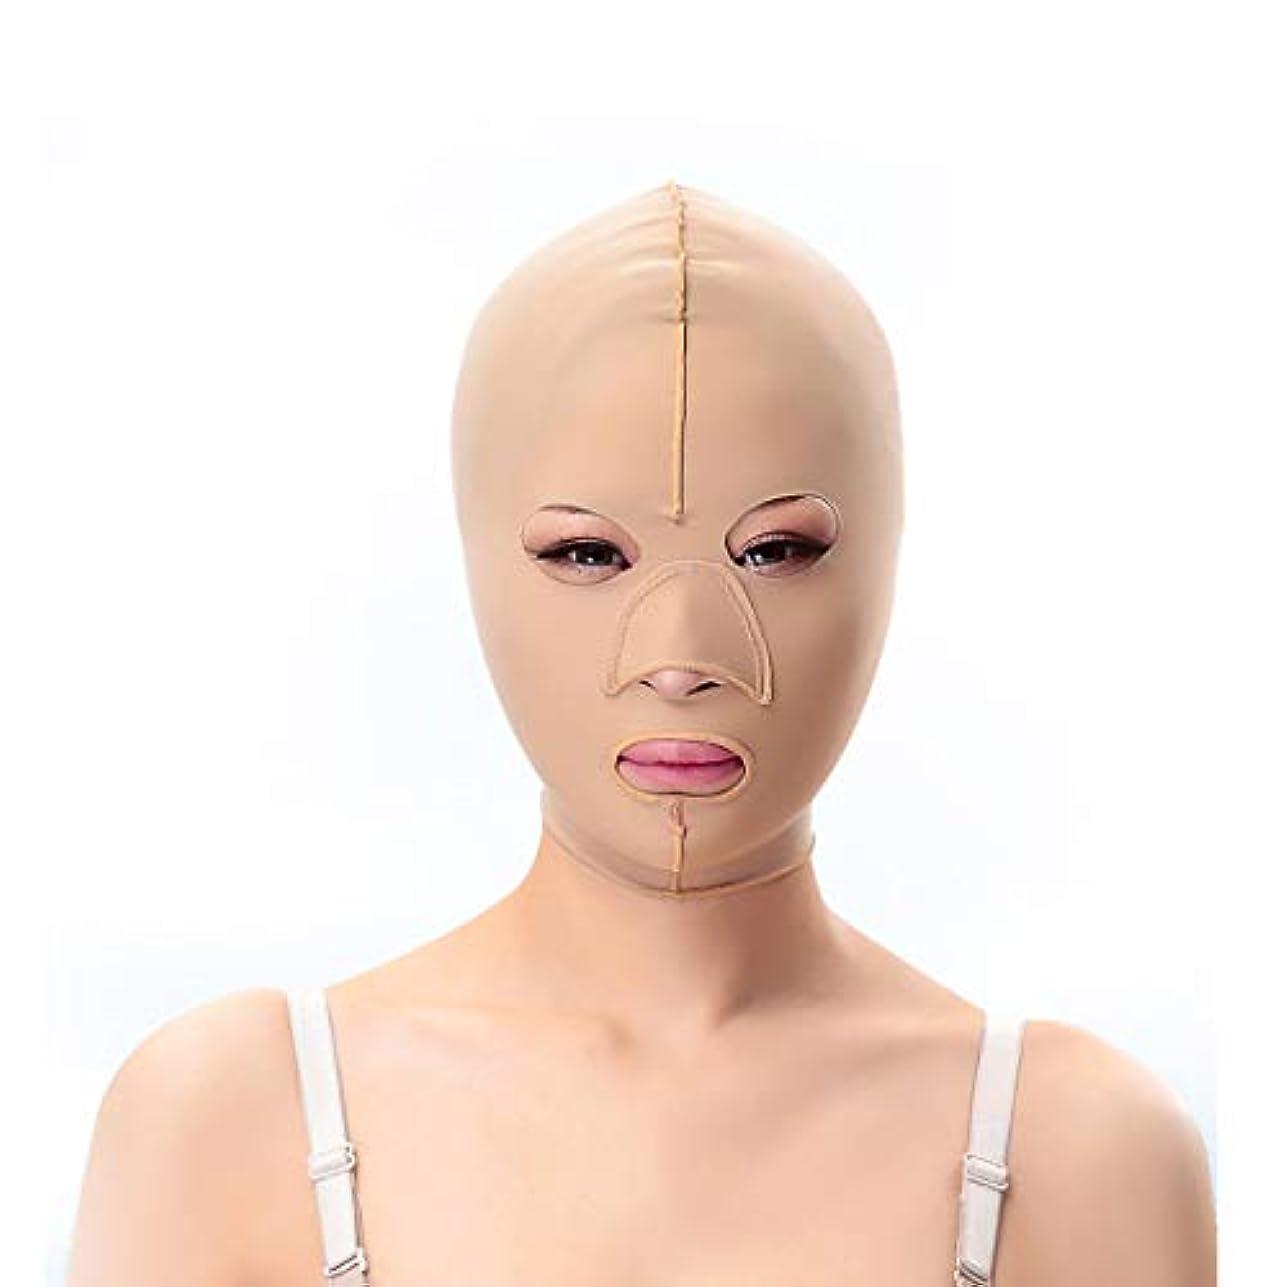 ポンプ比較的やりすぎTLMY 減量ベルトマスクフェイスマスク神聖なパターンリフト二重あご引き締め顔面プラスチック顔面アーティファクト強力な顔面包帯 顔用整形マスク (Size : S)